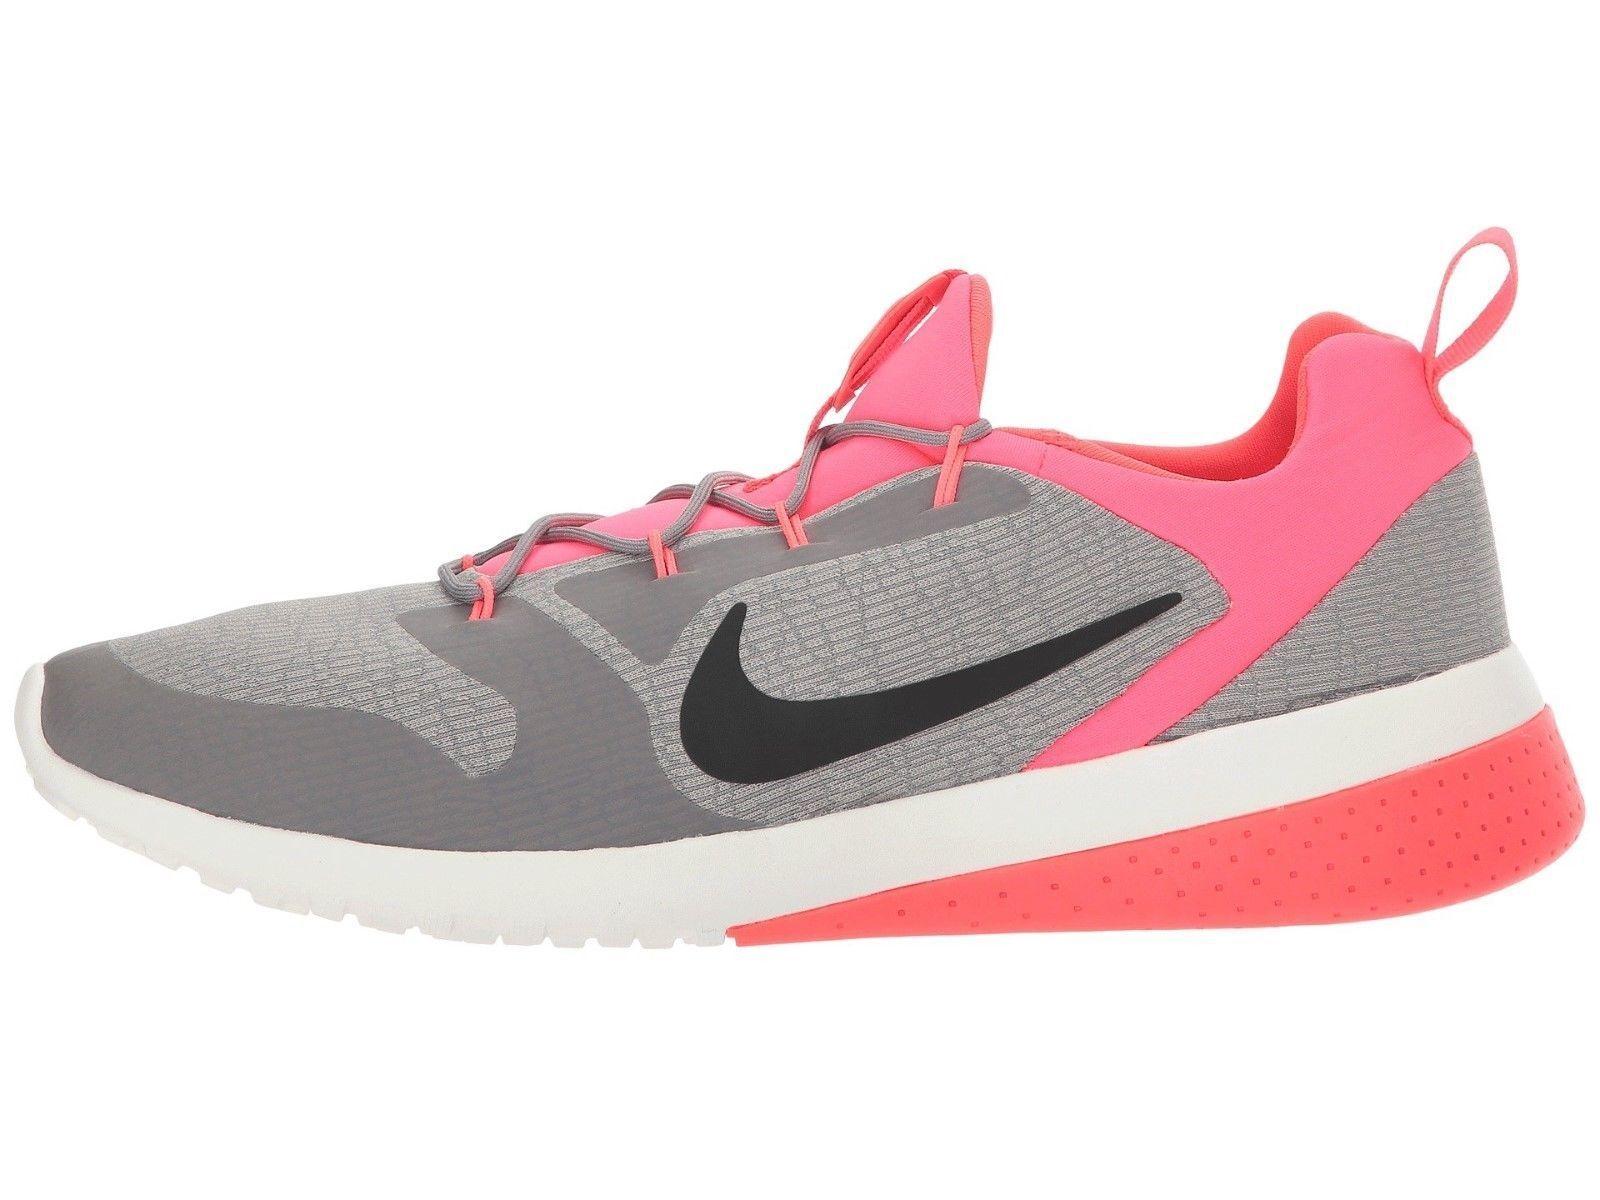 afe4c41cd141d nouvelles nouvelles nouvelles chaussures nike ck racer marque 916780 002  gris taille 11 hommes roses ecfde8